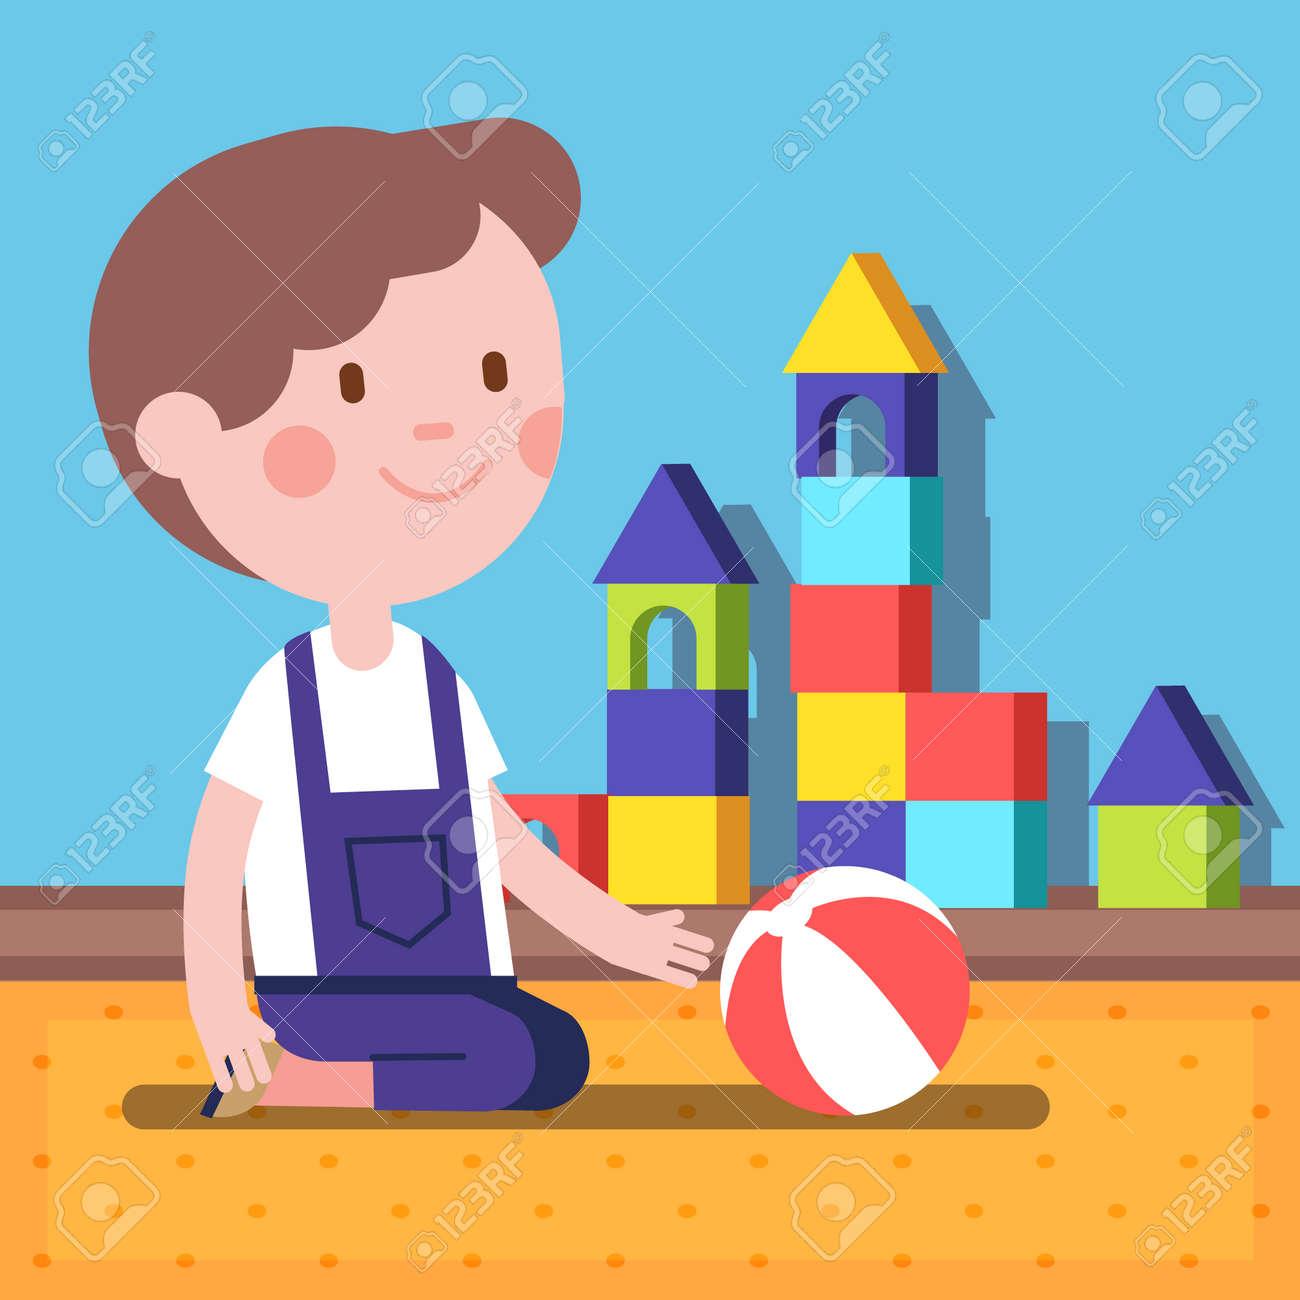 Foto de archivo - Pequeño niño jugando con una pelota en una habitación.  ilustración vectorial plana clipart moderna. 93d7a4a3d15